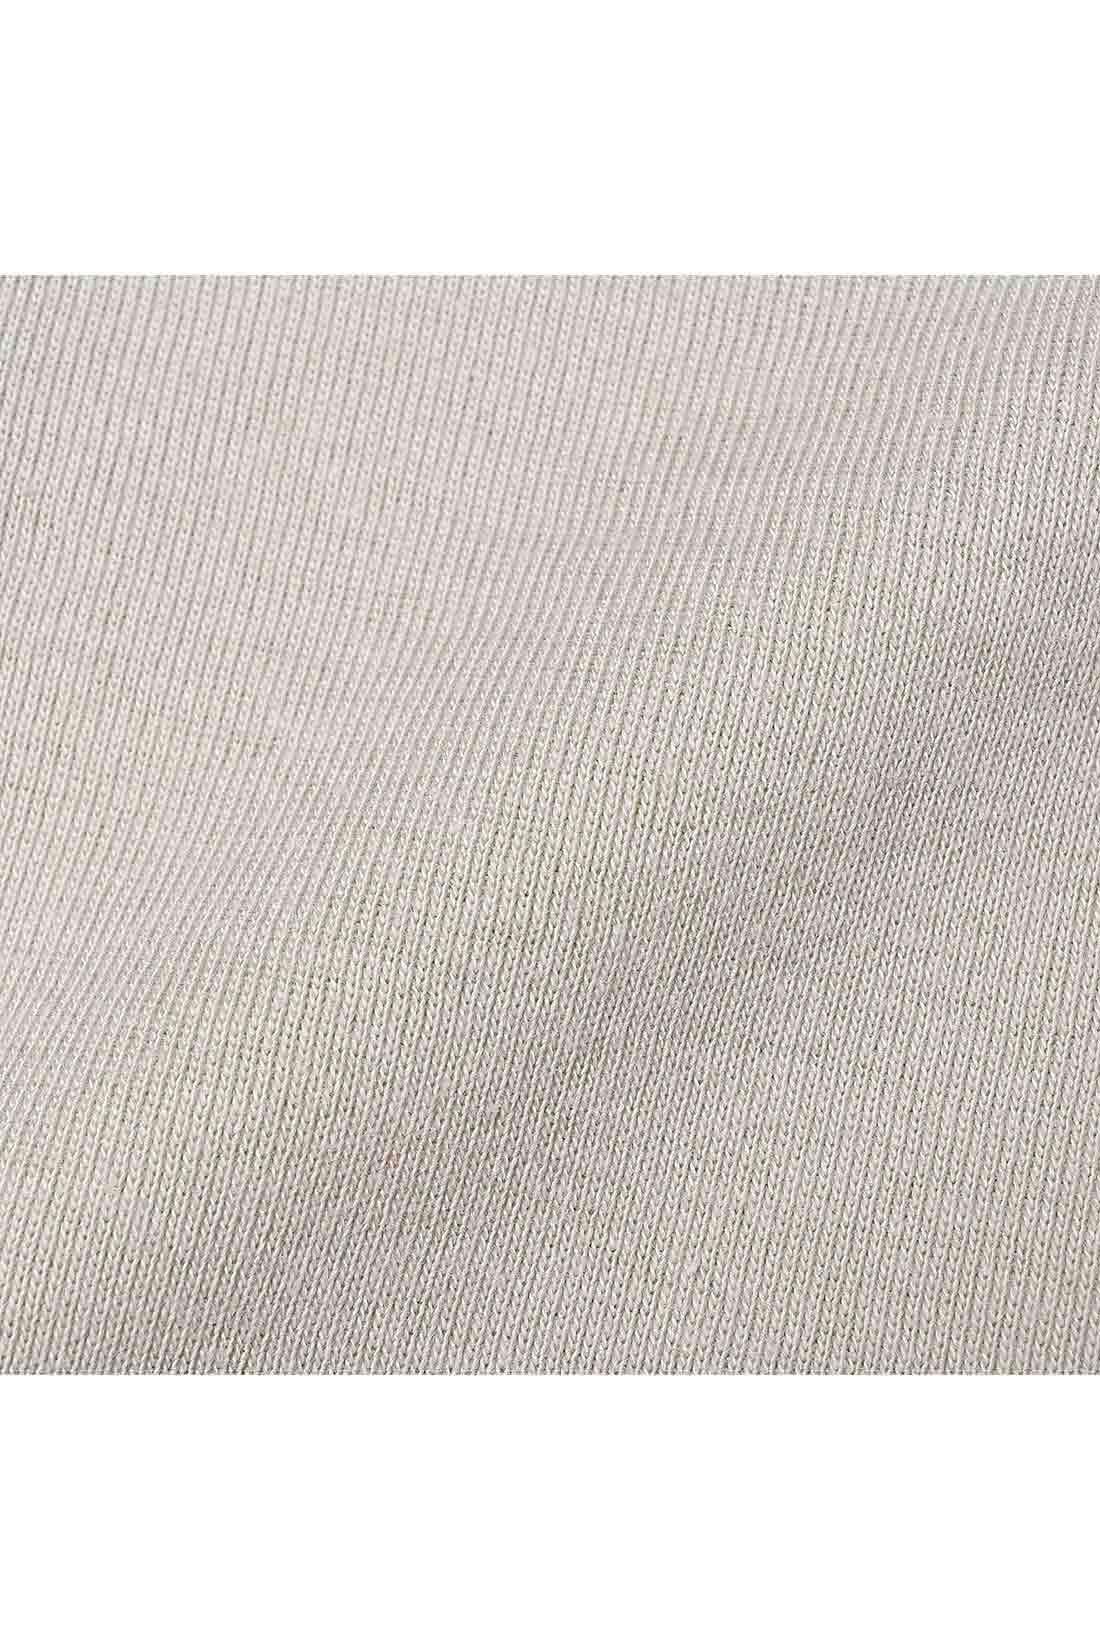 綿100%のフライス素材 一年を通じて活躍する、肌心地のよさが魅力。